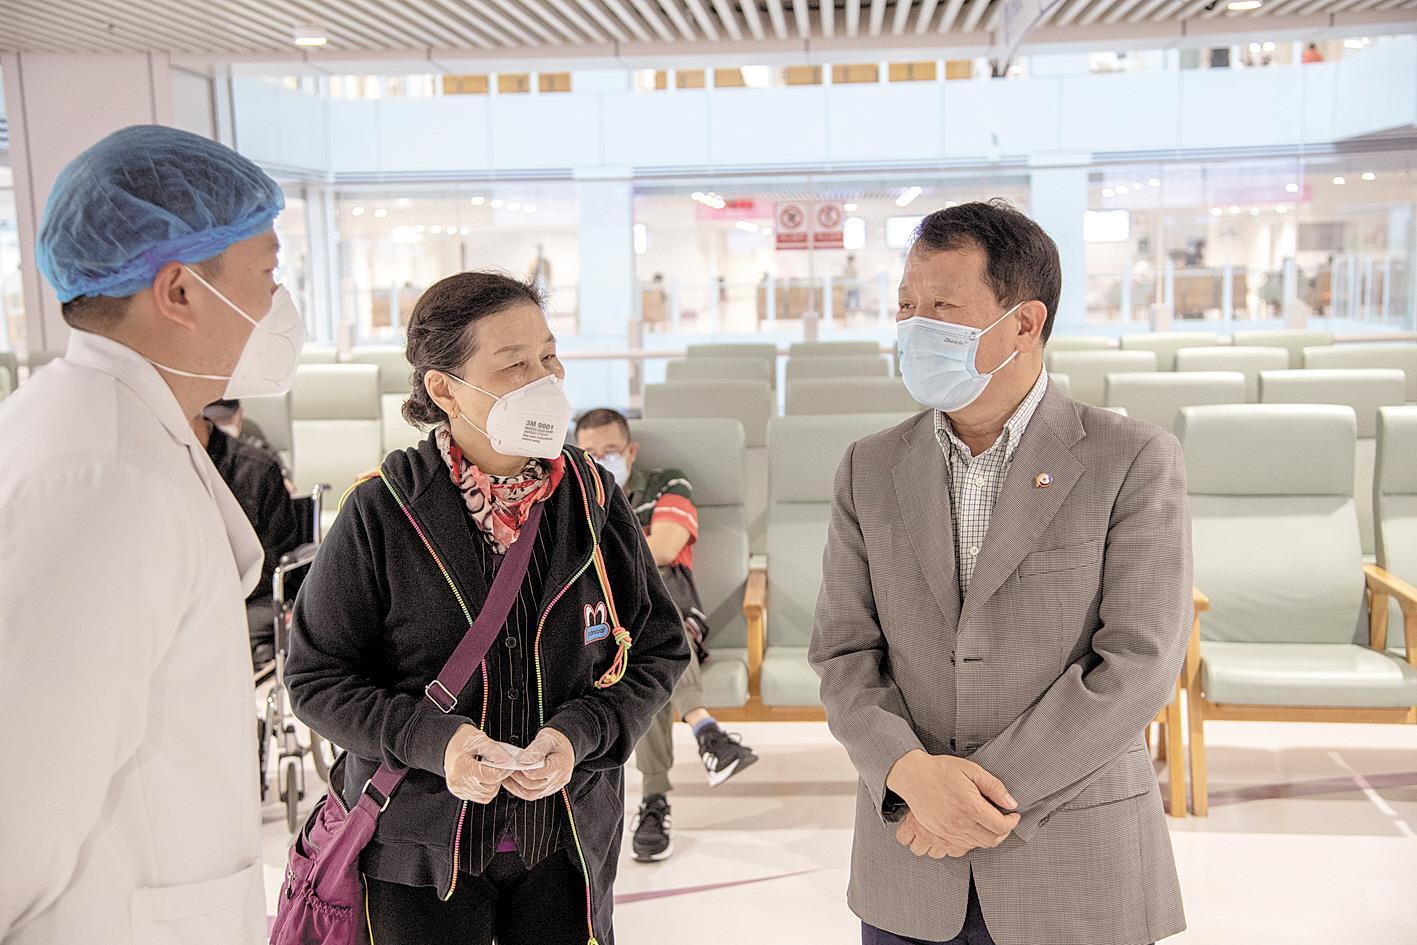 谢俊明委员:对大健康产业发展信心满满